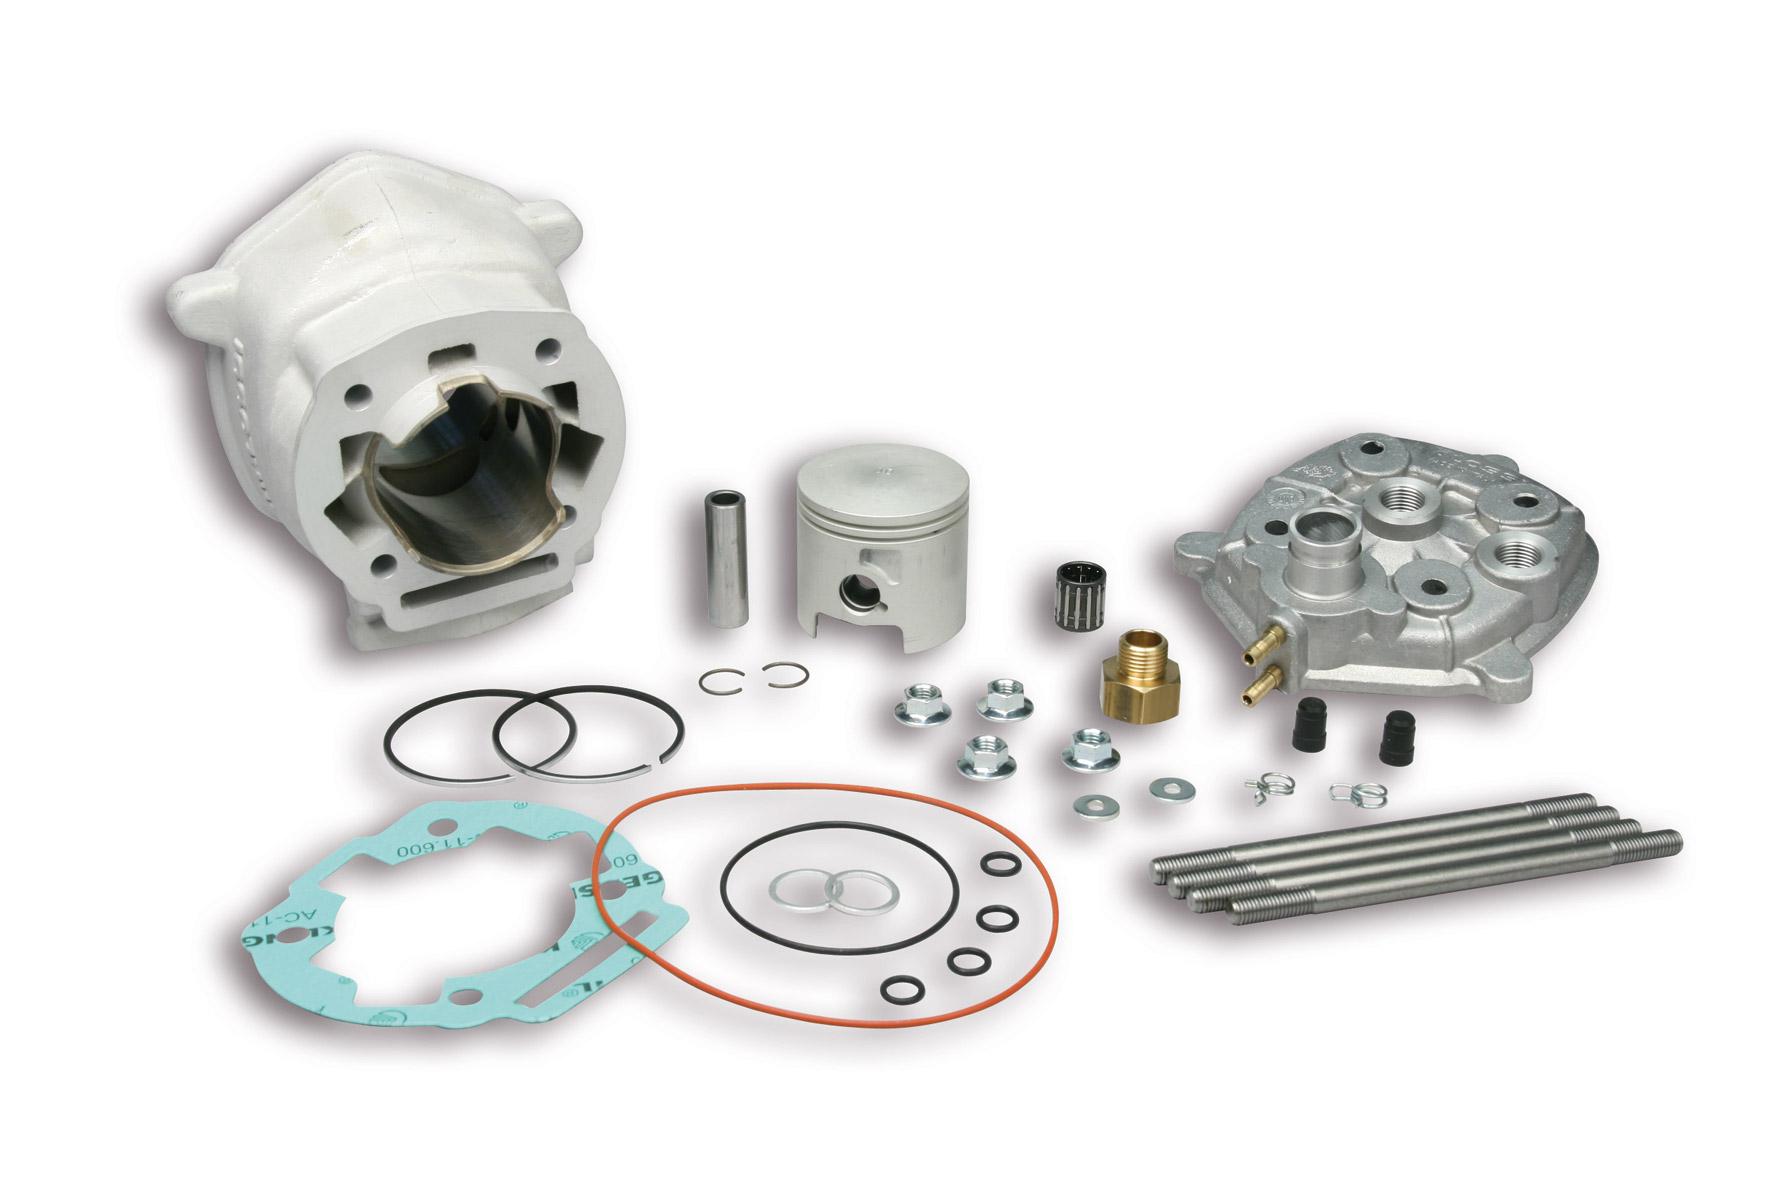 alumin cylinder kit 50 h2o mhr rep dettaglio prodotto malossistore. Black Bedroom Furniture Sets. Home Design Ideas